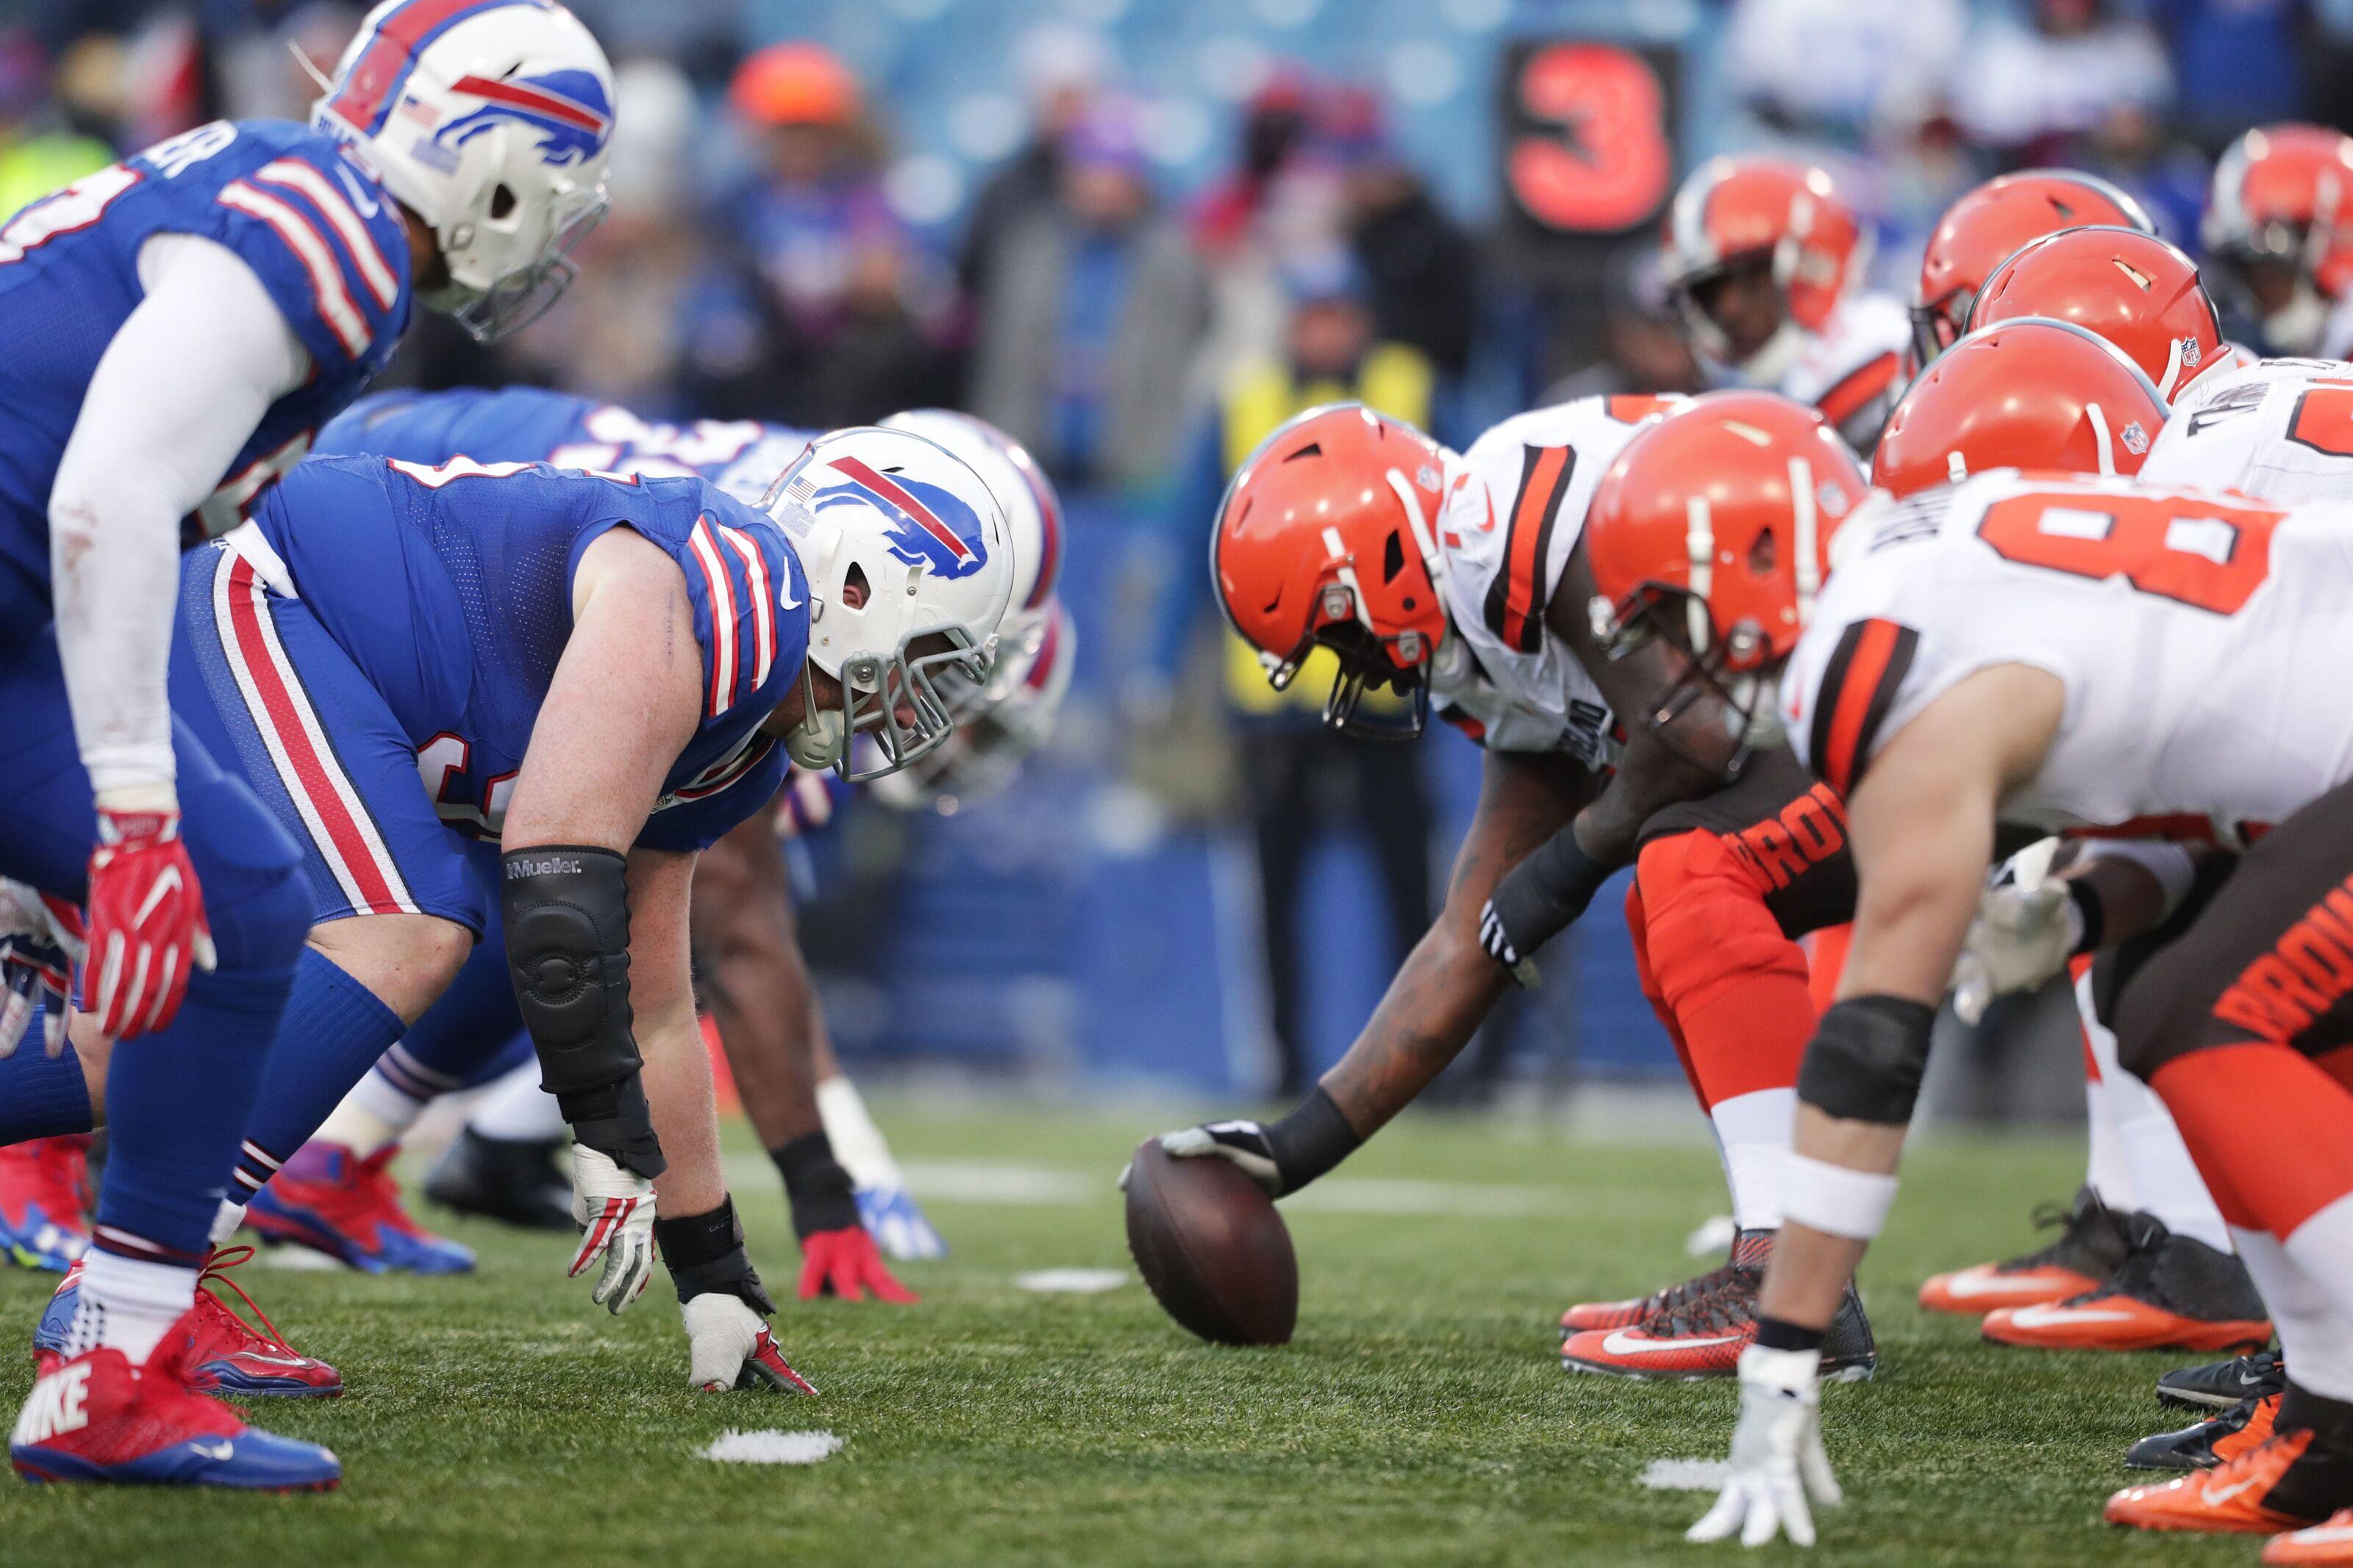 752f684bc8f Bills vs. Browns live stream  Watch NFL Preseason Week 2 online